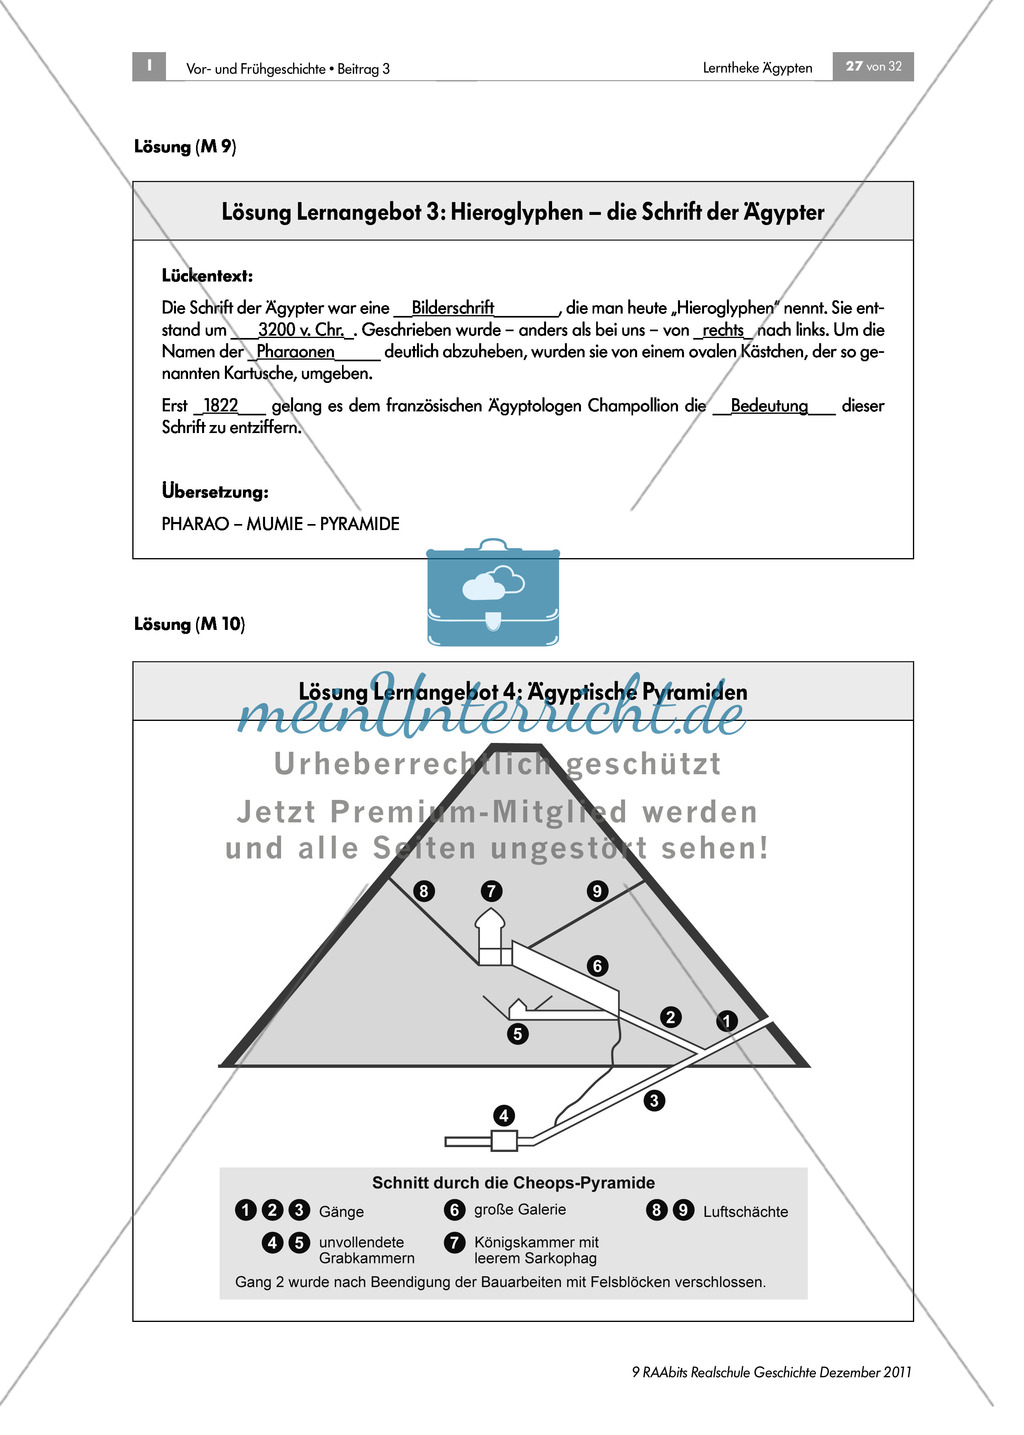 Ägyptische Pyramiden: Aufbau und Beschriftung des Querschnitts + didaktische Hinweise Preview 2